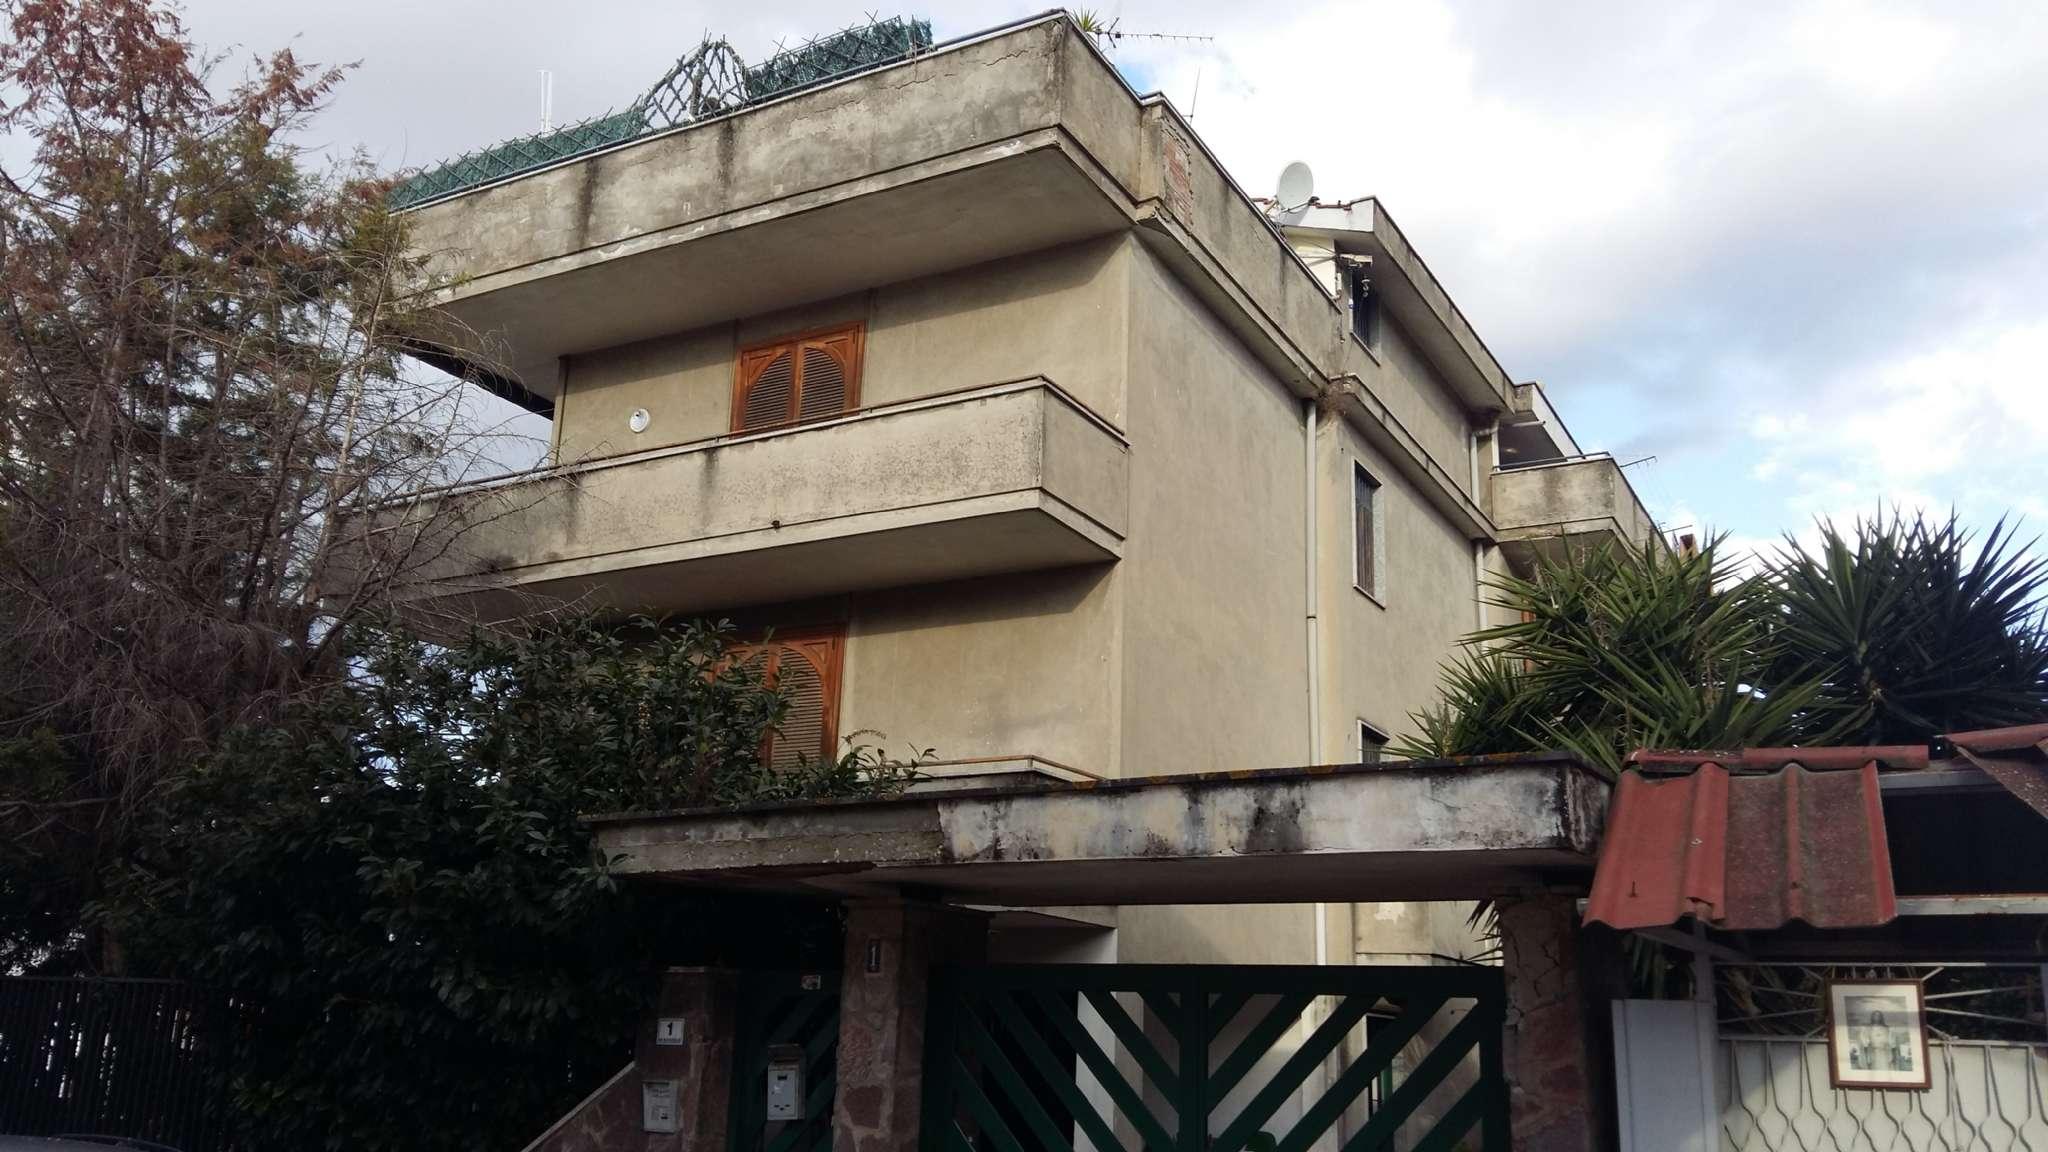 Palazzo / Stabile in vendita a Frattamaggiore, 15 locali, Trattative riservate | CambioCasa.it